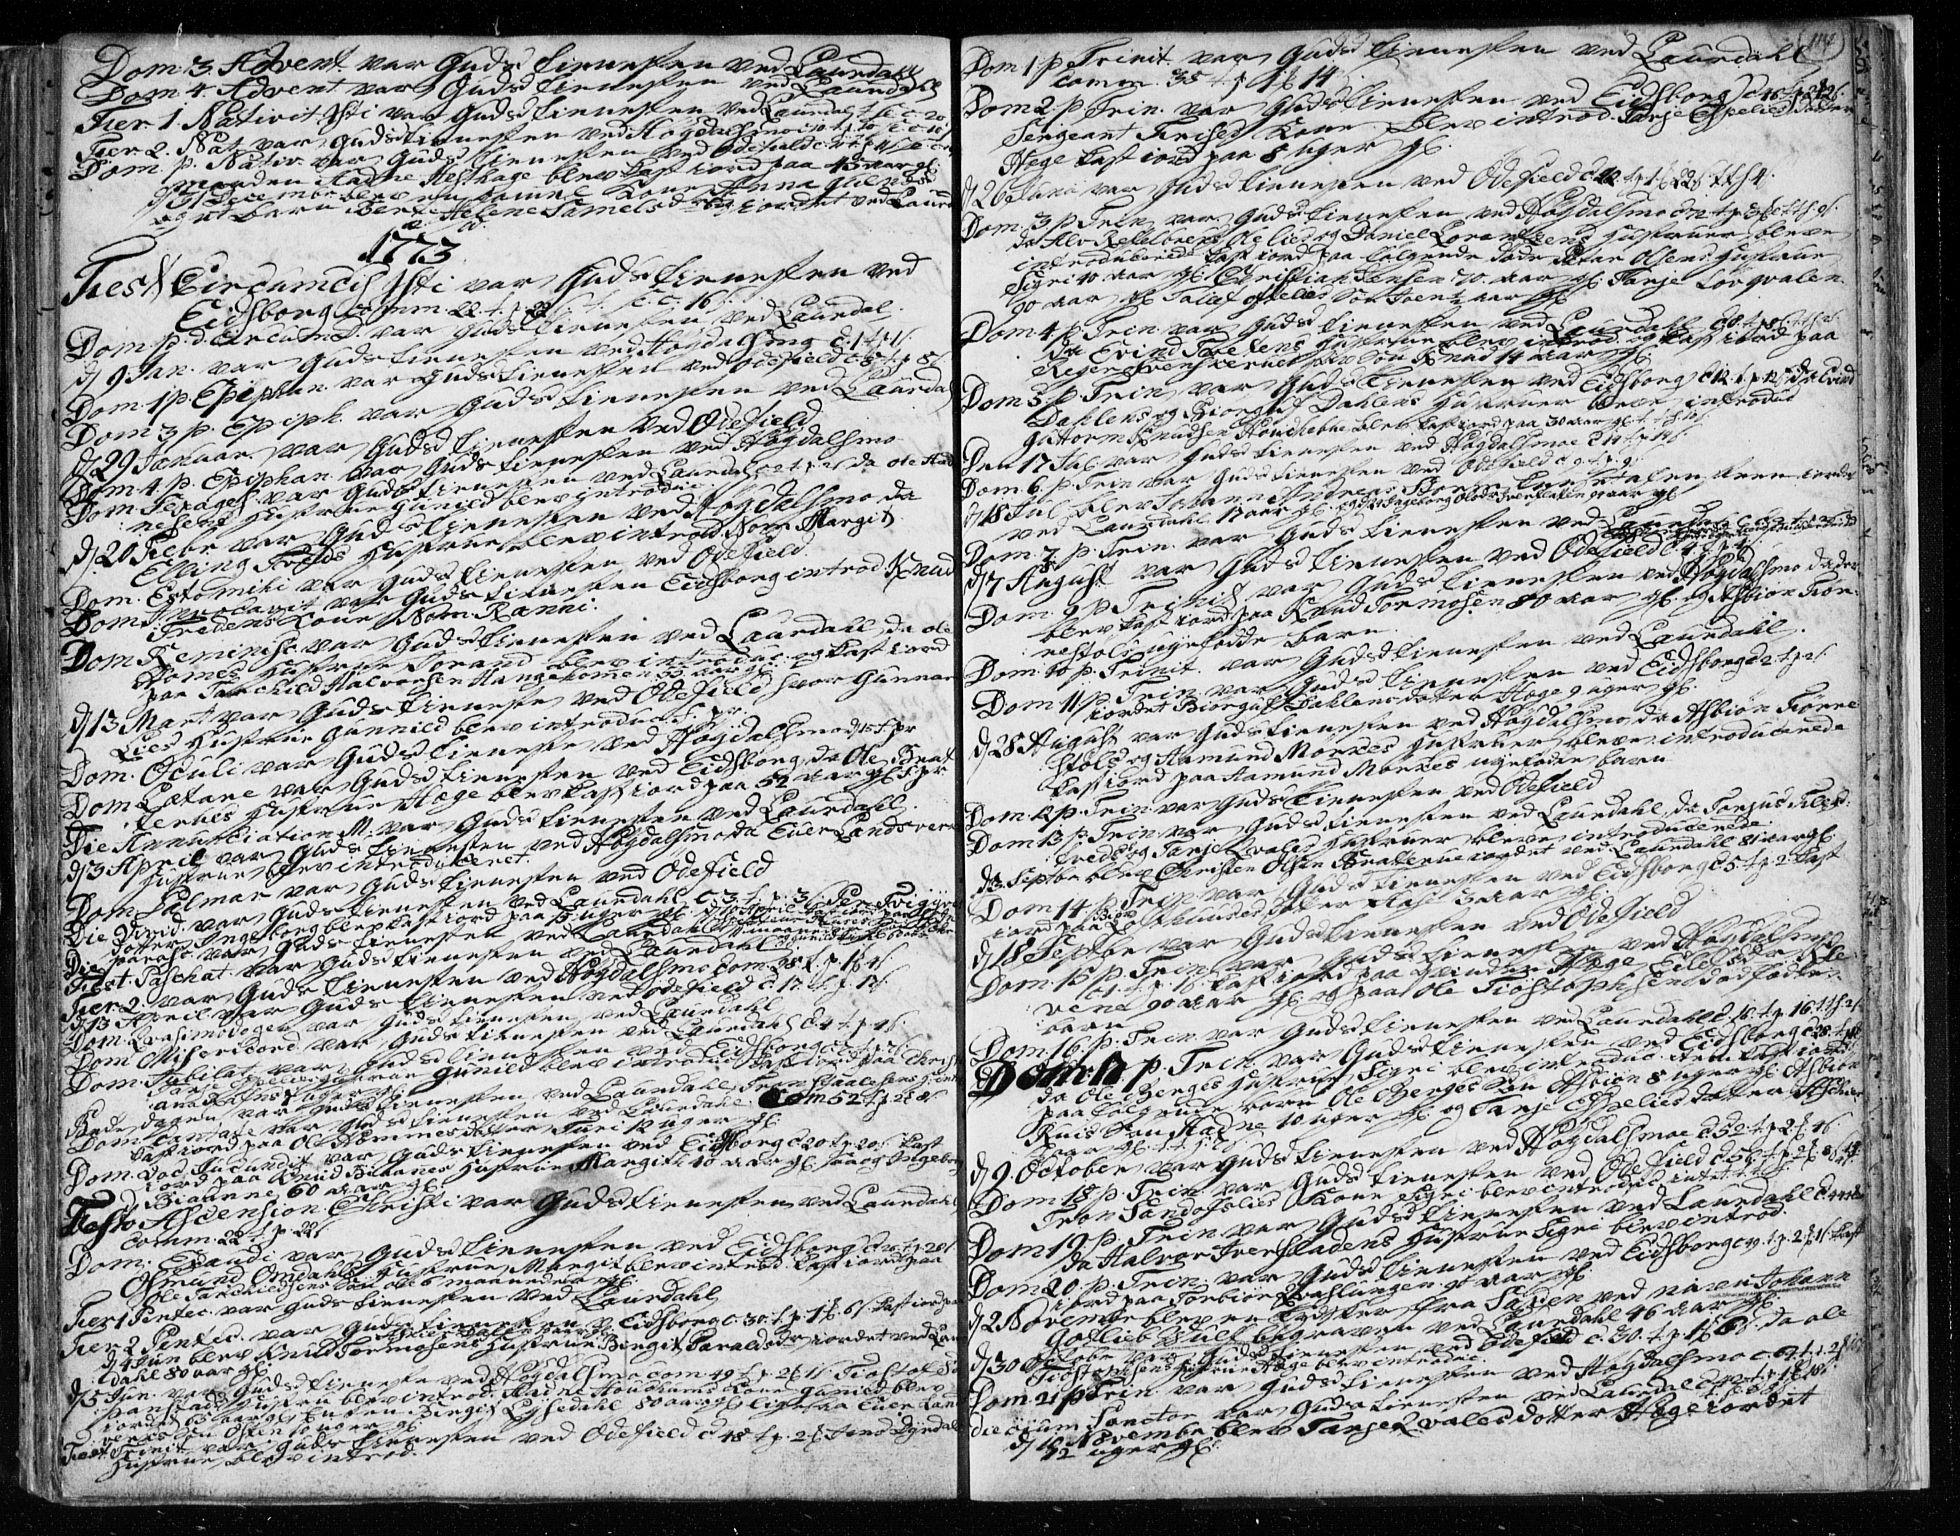 SAKO, Lårdal kirkebøker, F/Fa/L0003: Ministerialbok nr. I 3, 1754-1790, s. 114